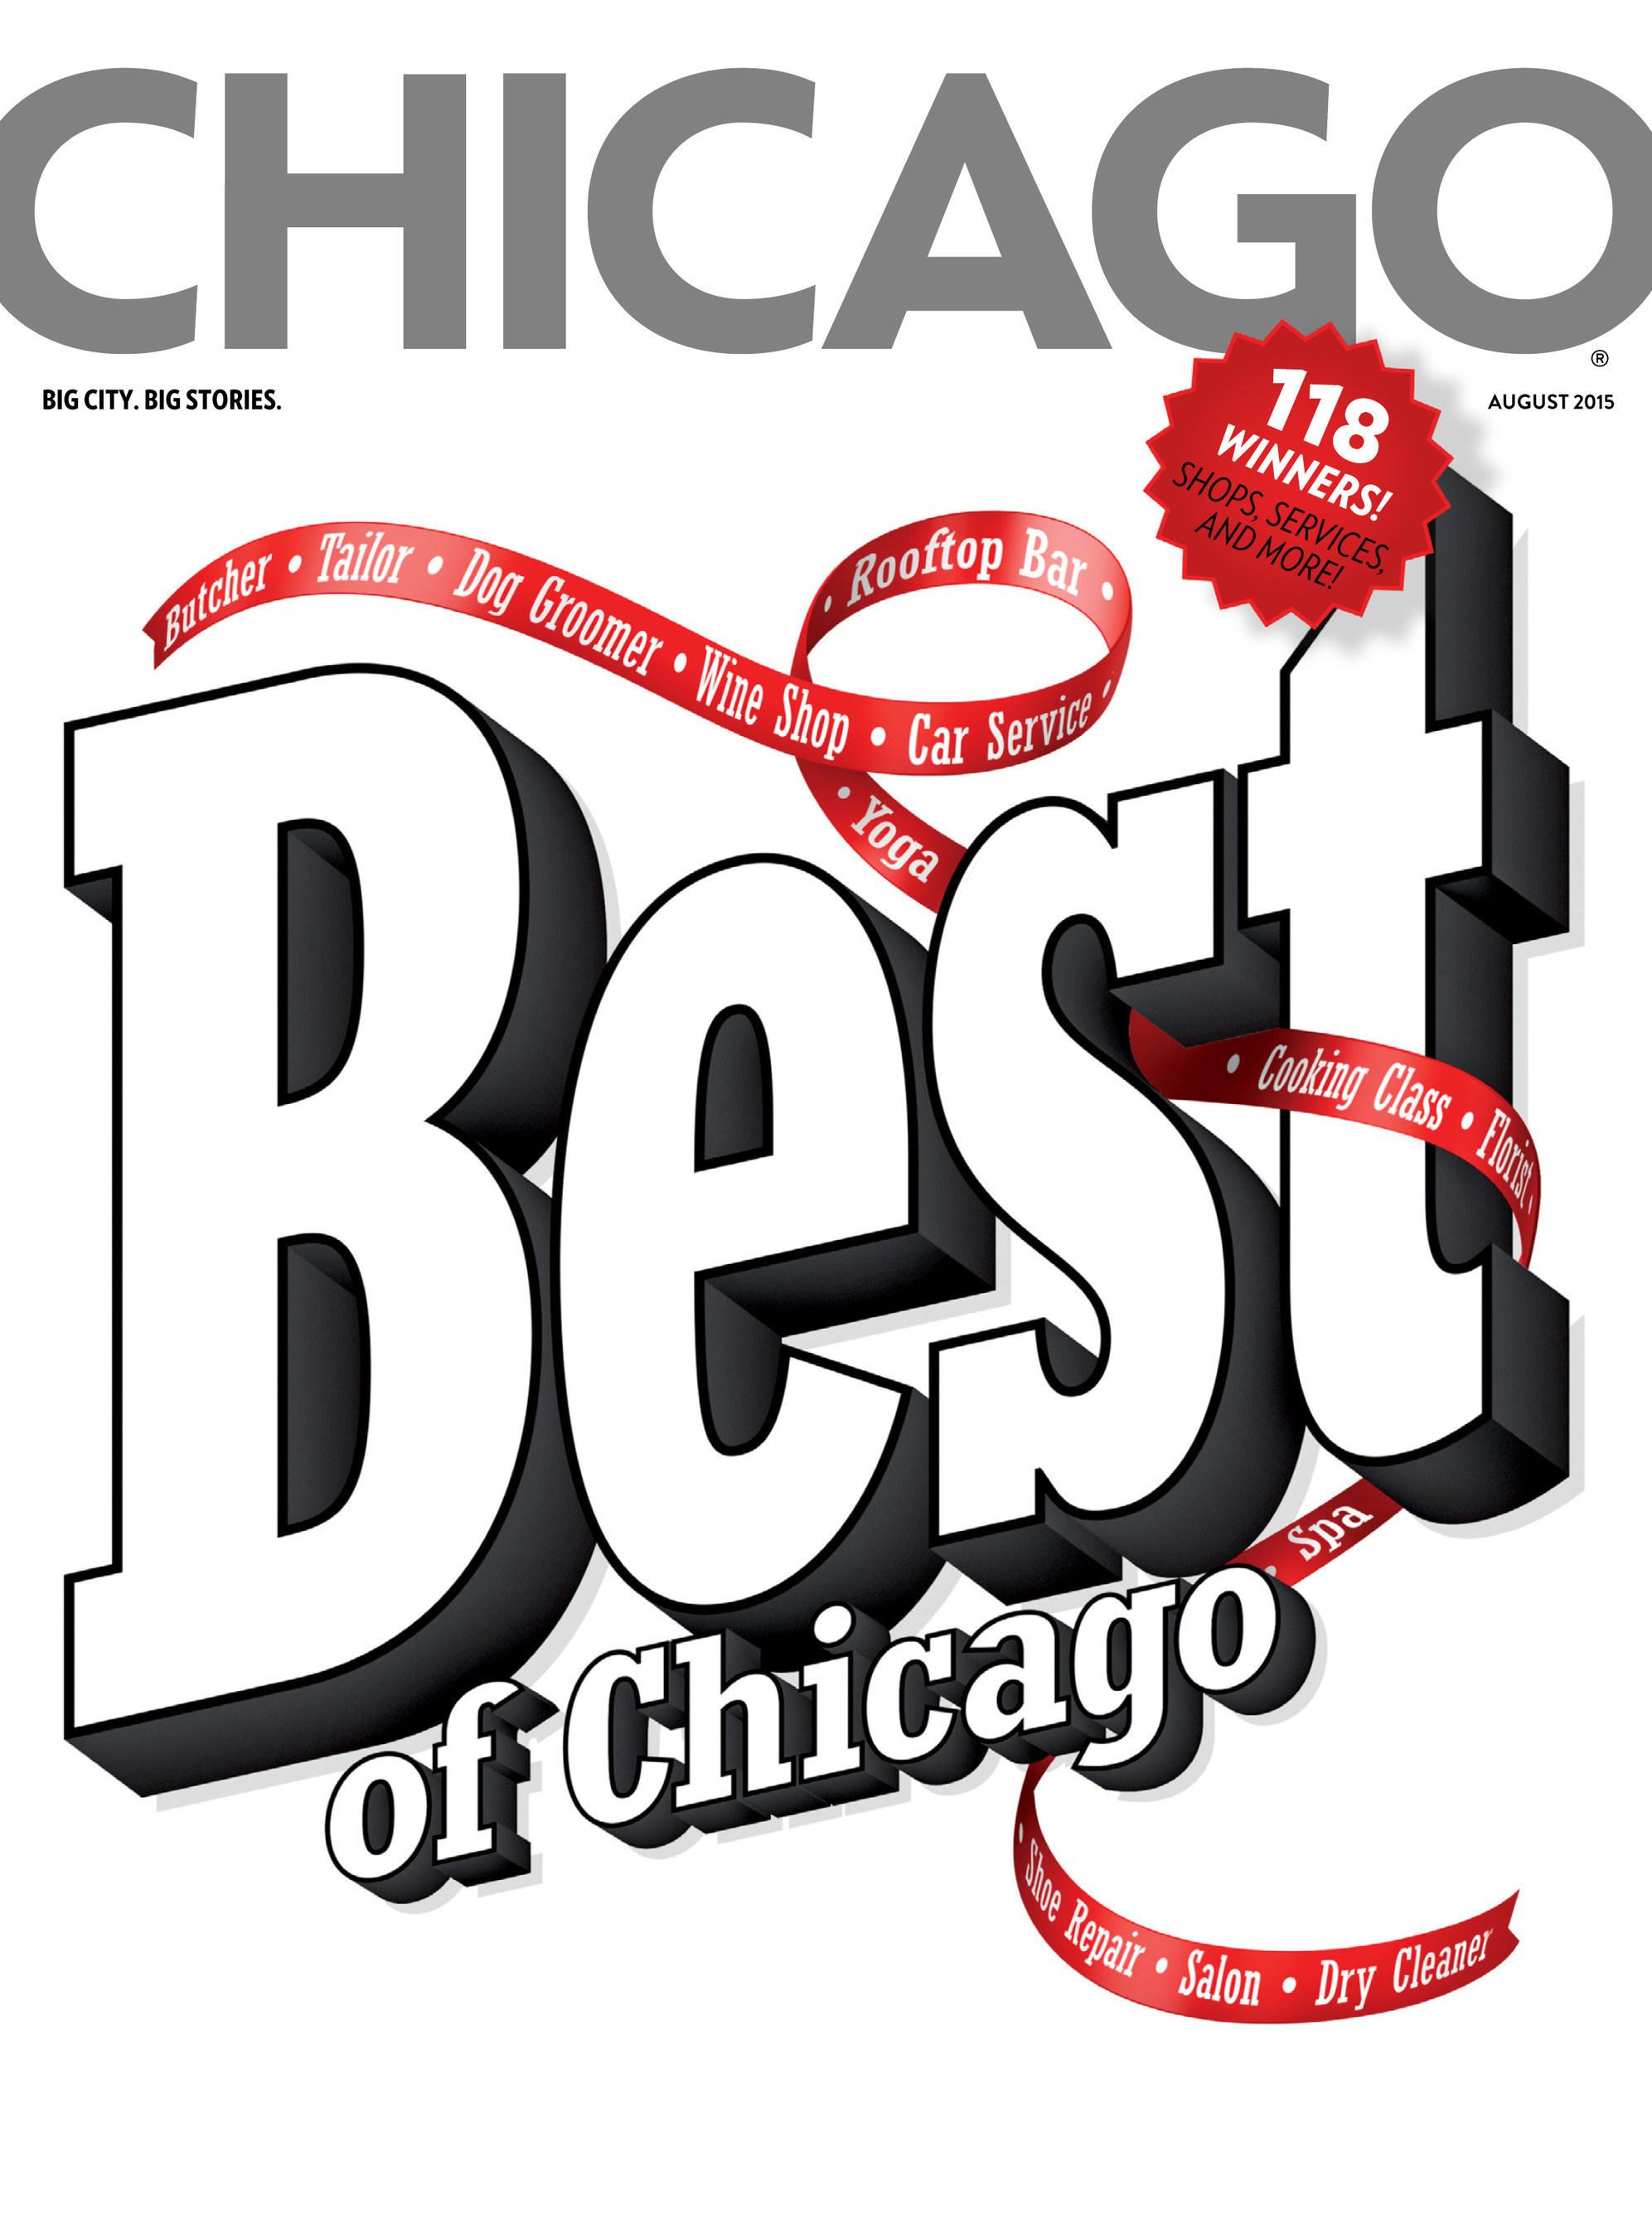 Chicago magazine August Issue: Best of Chicago